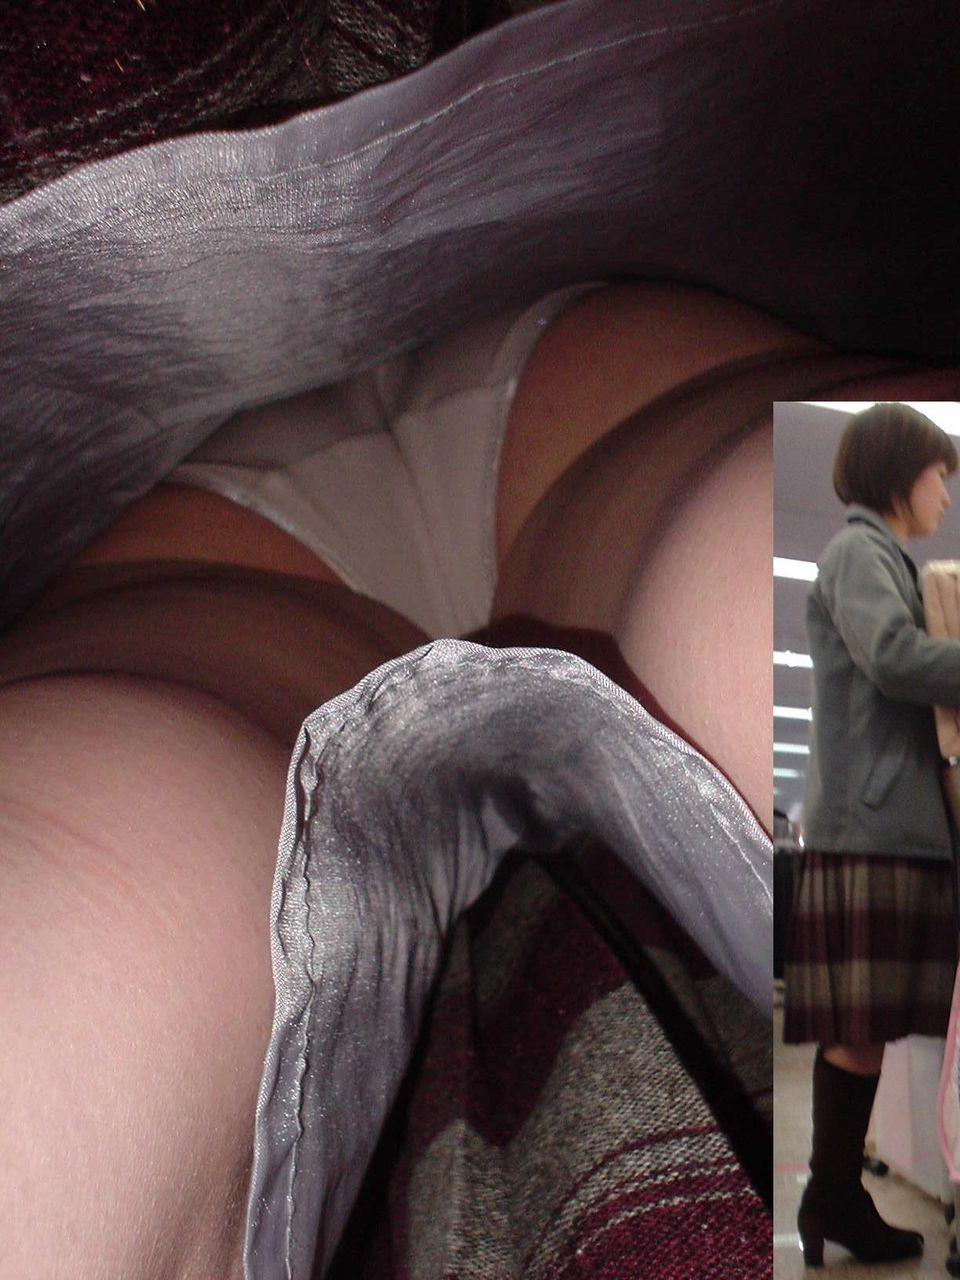 【パンチラエロ画像】夢が隠れたスカート内部を暴露する逆さ撮り!